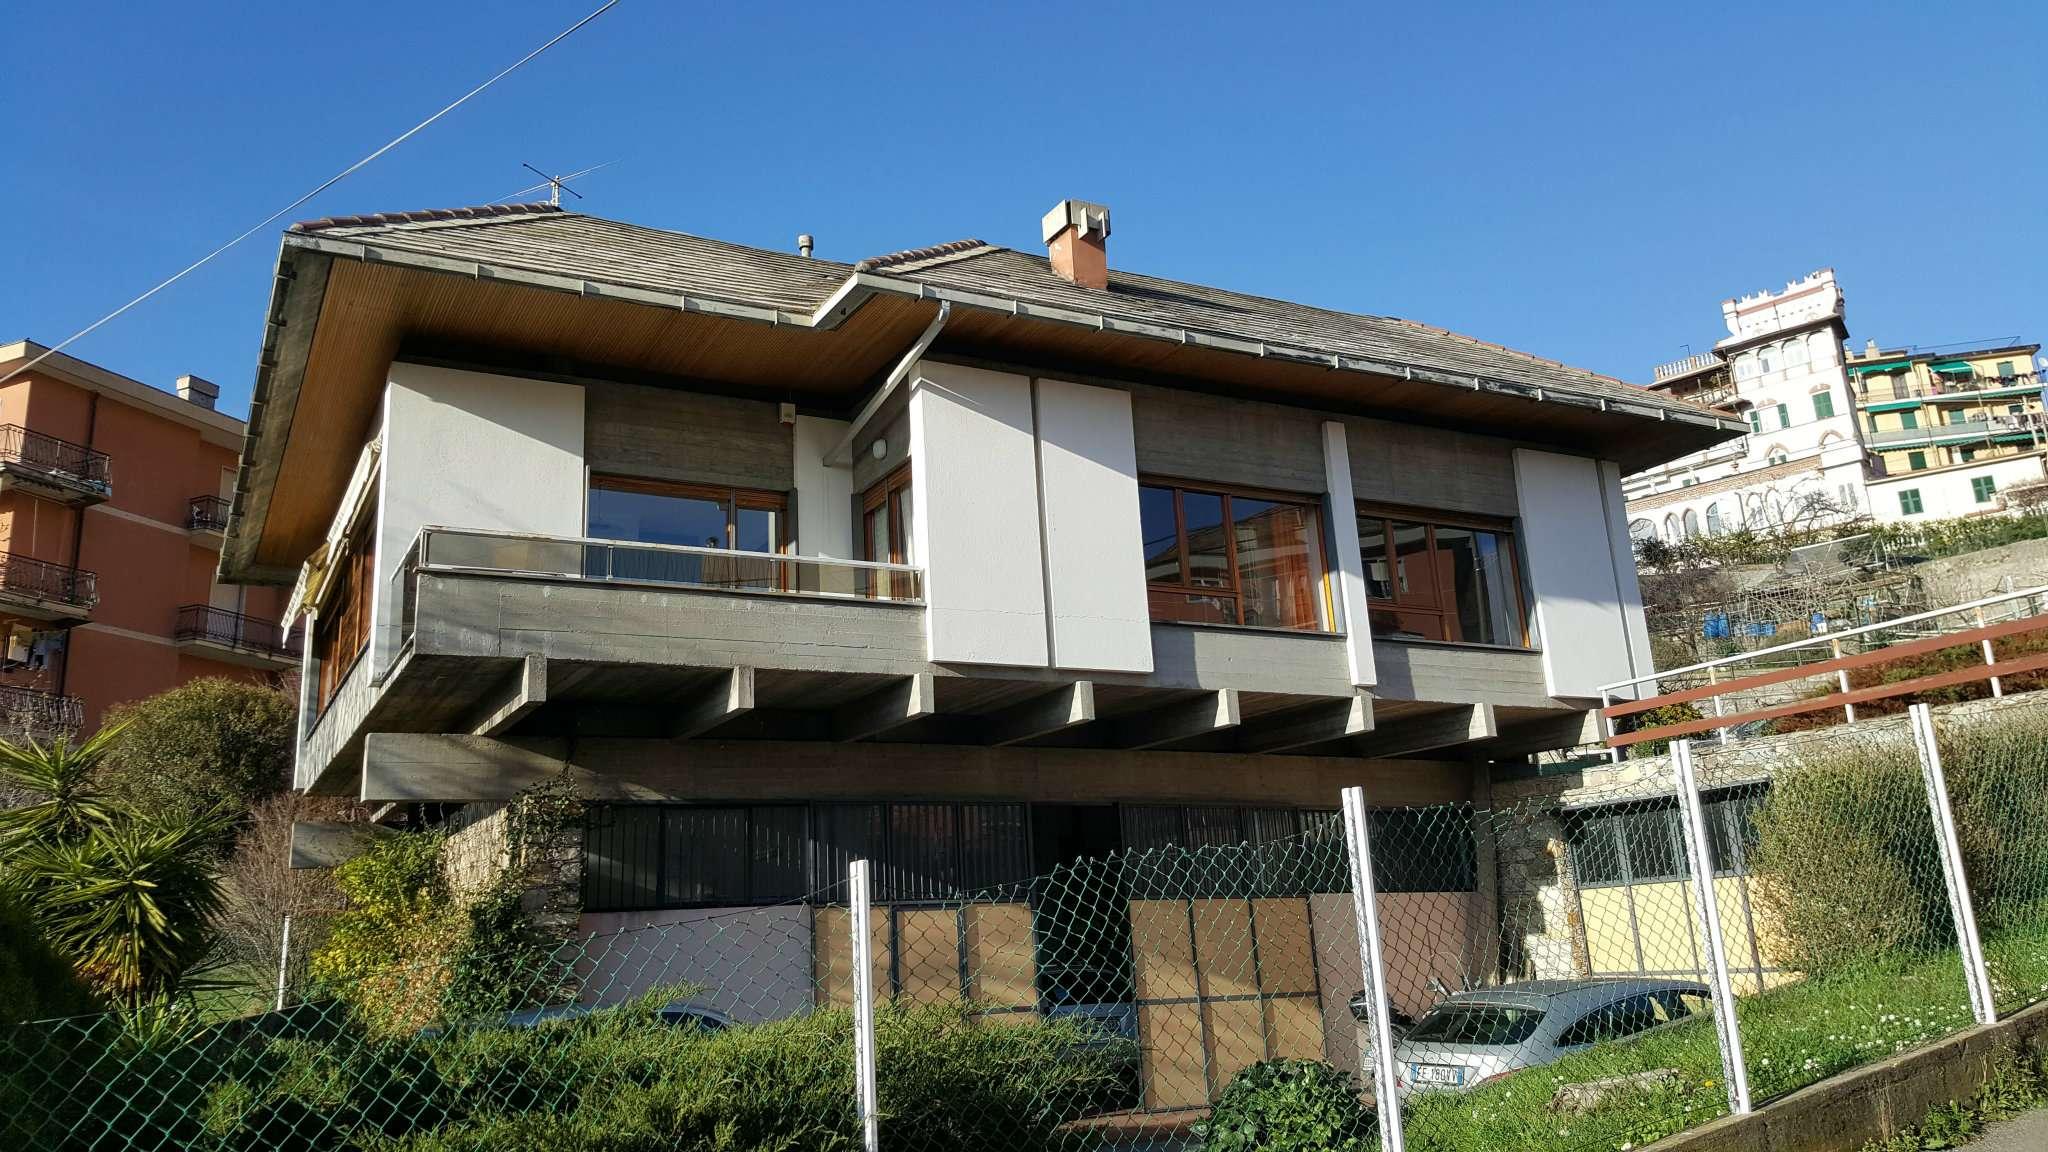 Villa in affitto a Genova, 8 locali, prezzo € 1.000 | Cambio Casa.it